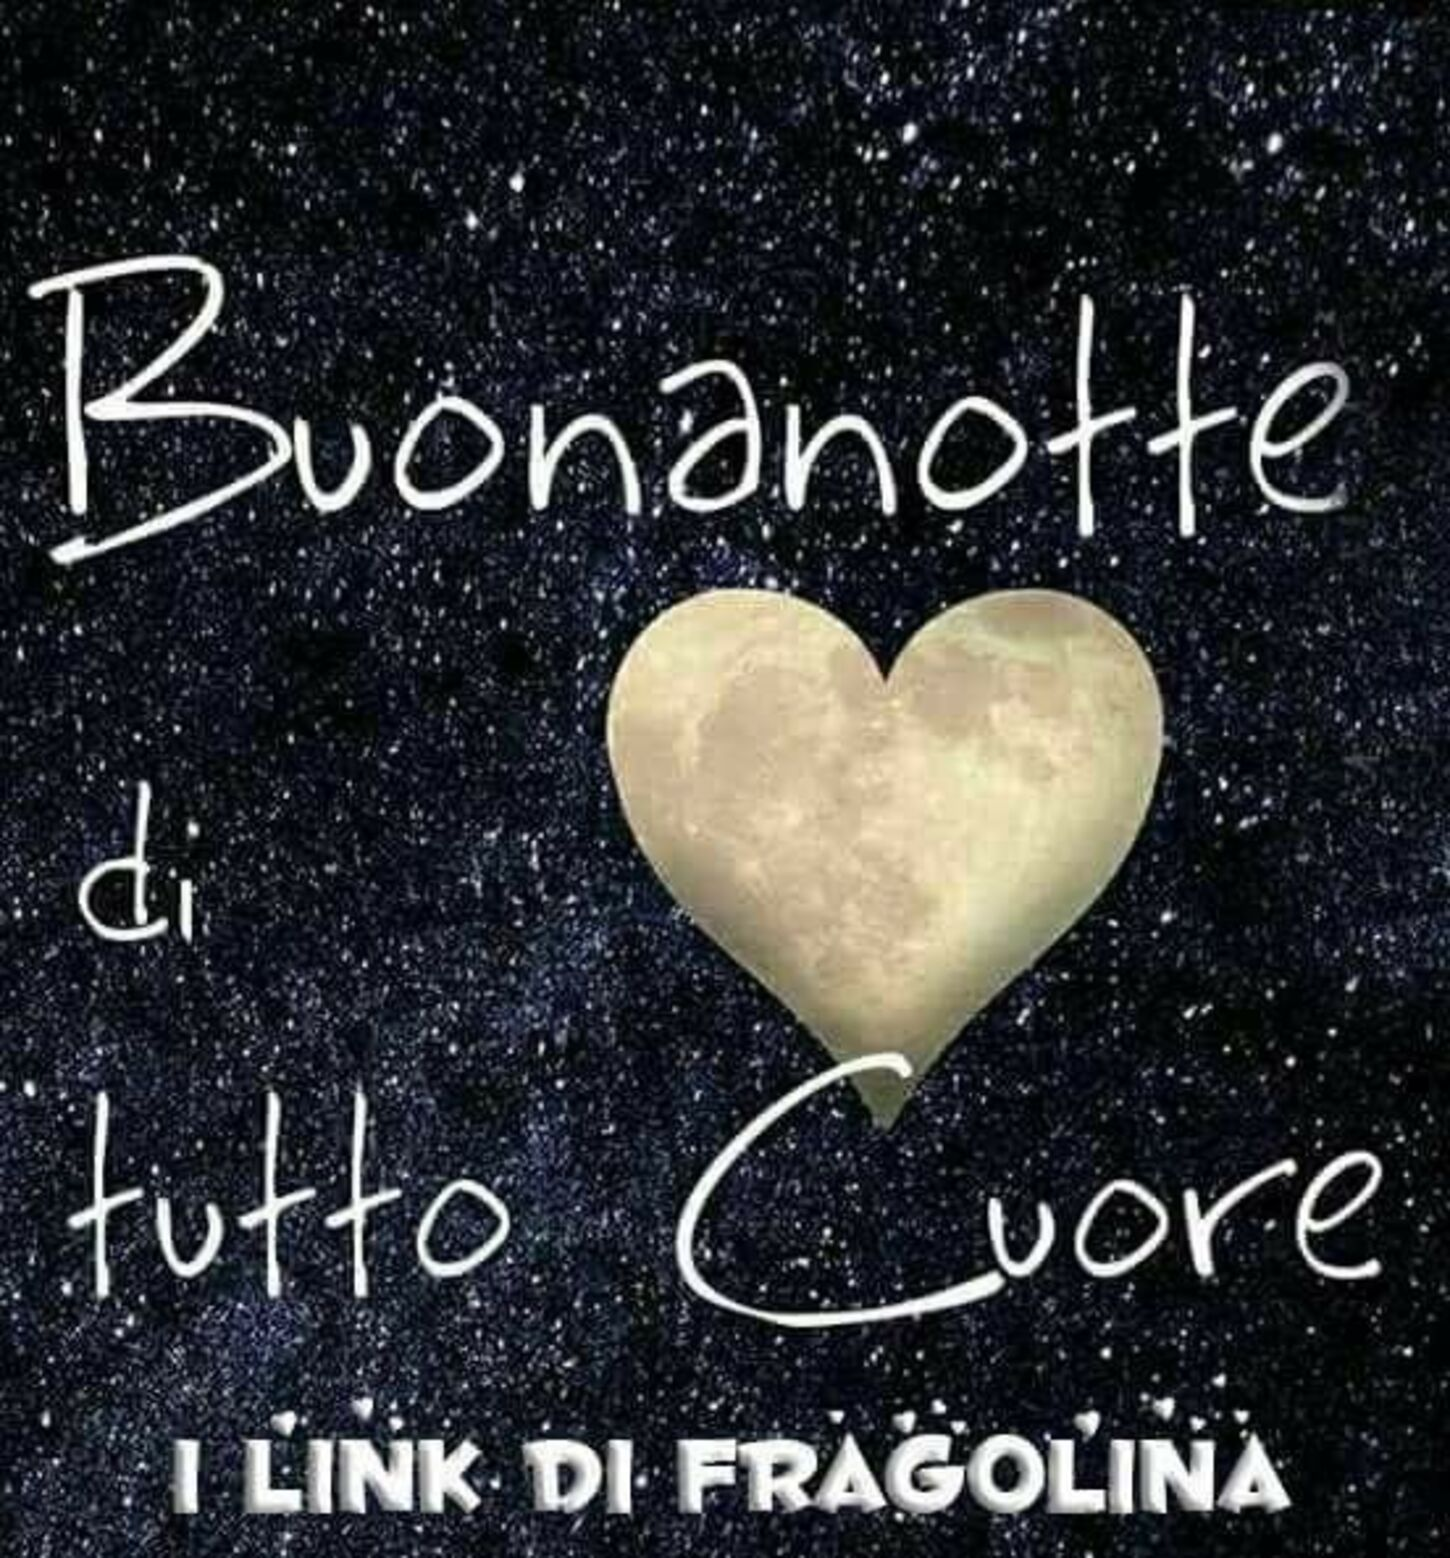 """I Link di Fragolina - """"Buonanotte di tutto Cuore"""""""